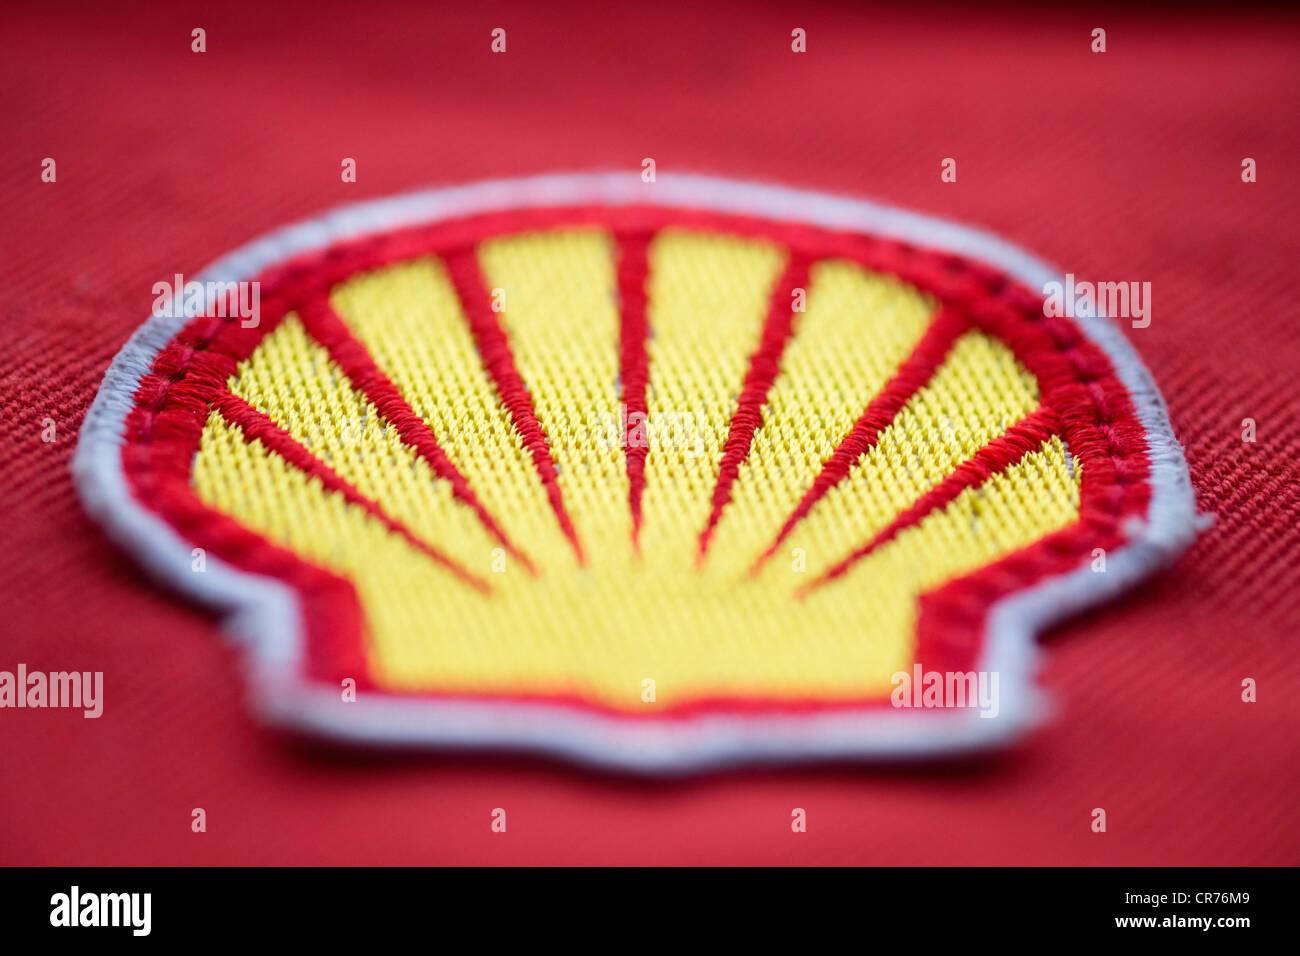 Detalle de tela logo parche en monos de seguridad del trabajador de Royal Dutch Shell Oil Company. Imagen De Stock